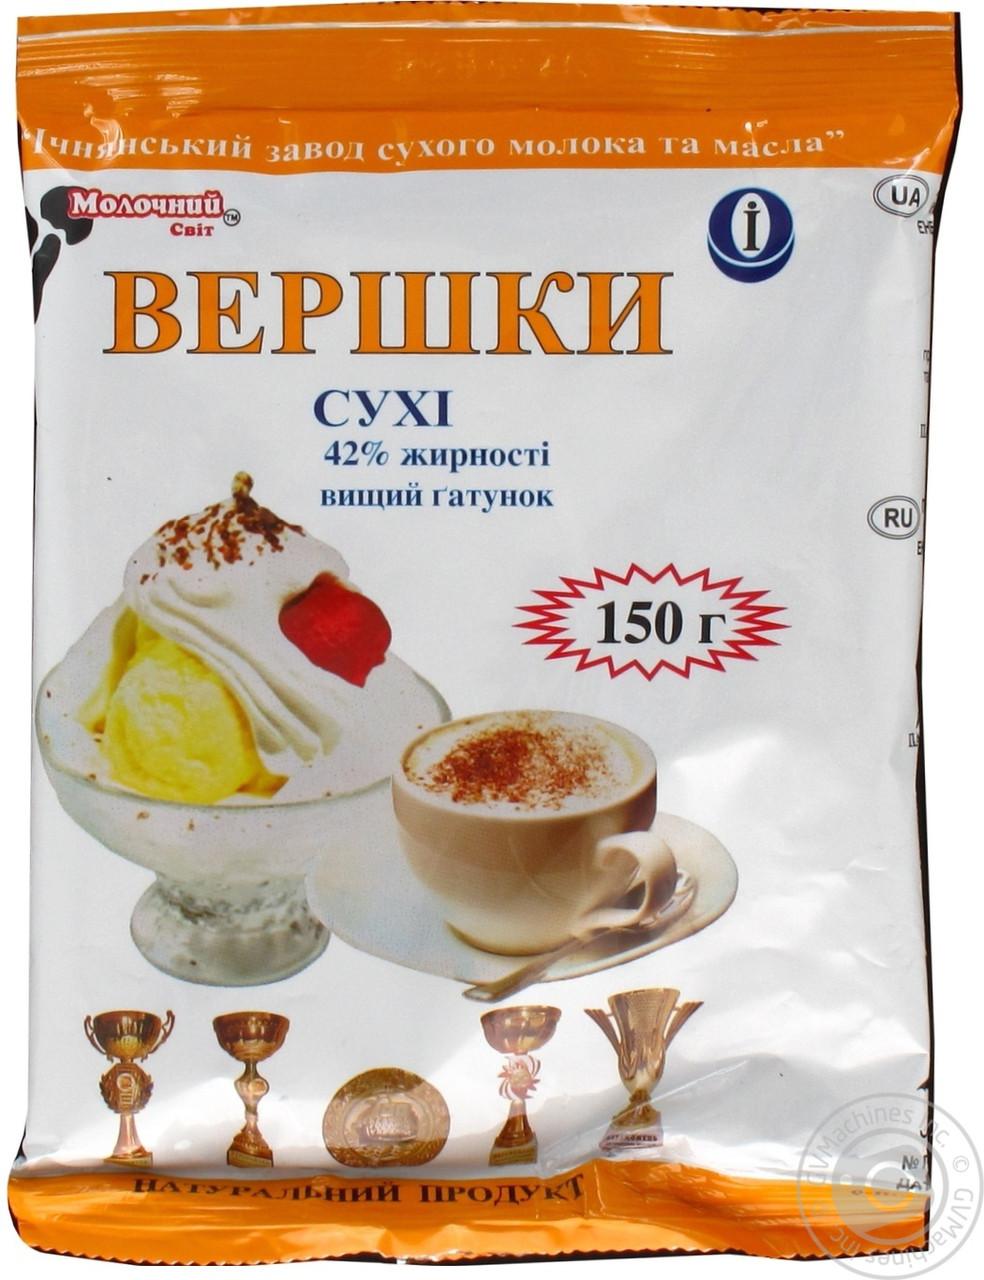 Сливки сухие натуральные молочные 42% 150 грамм